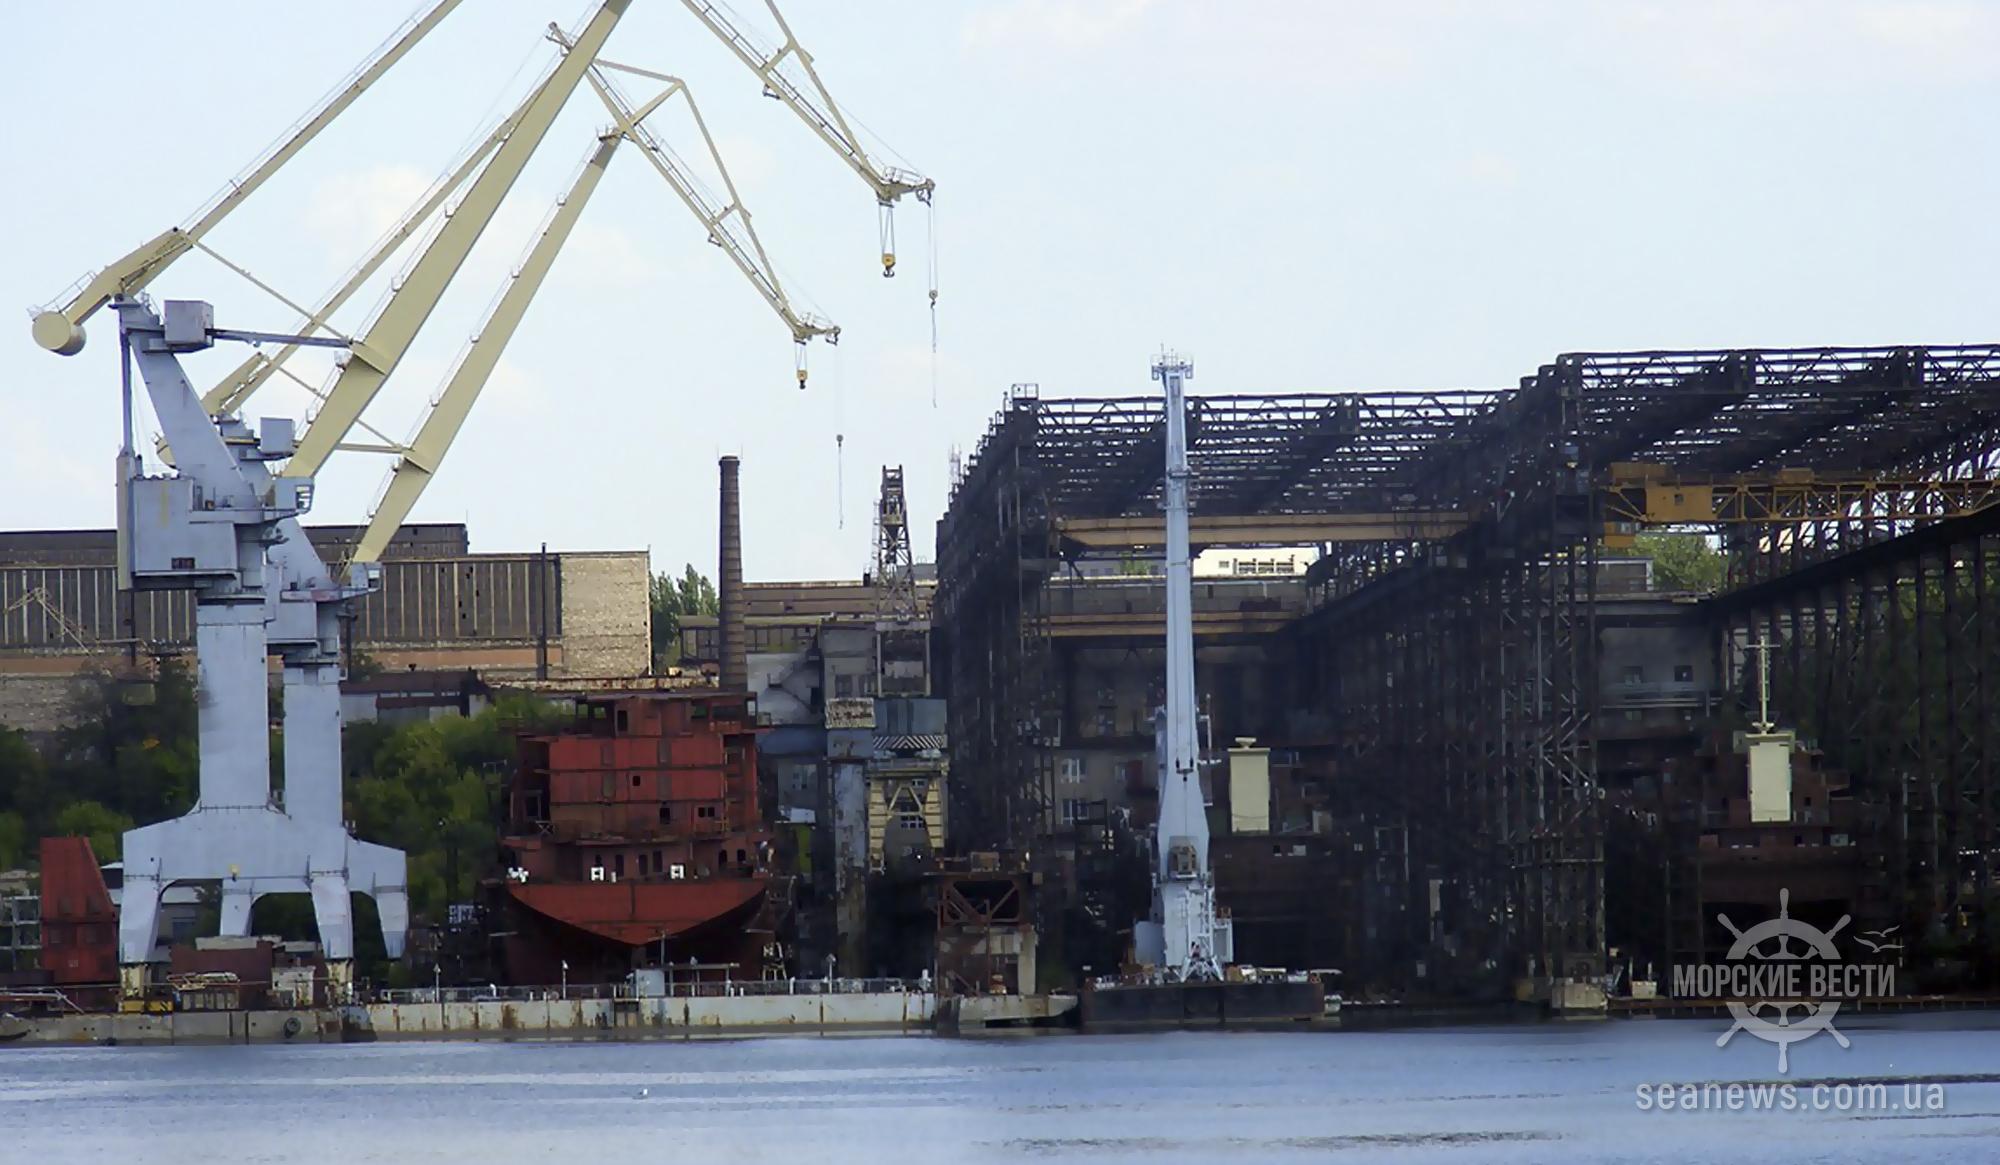 За три года в Украине построили 42 судна